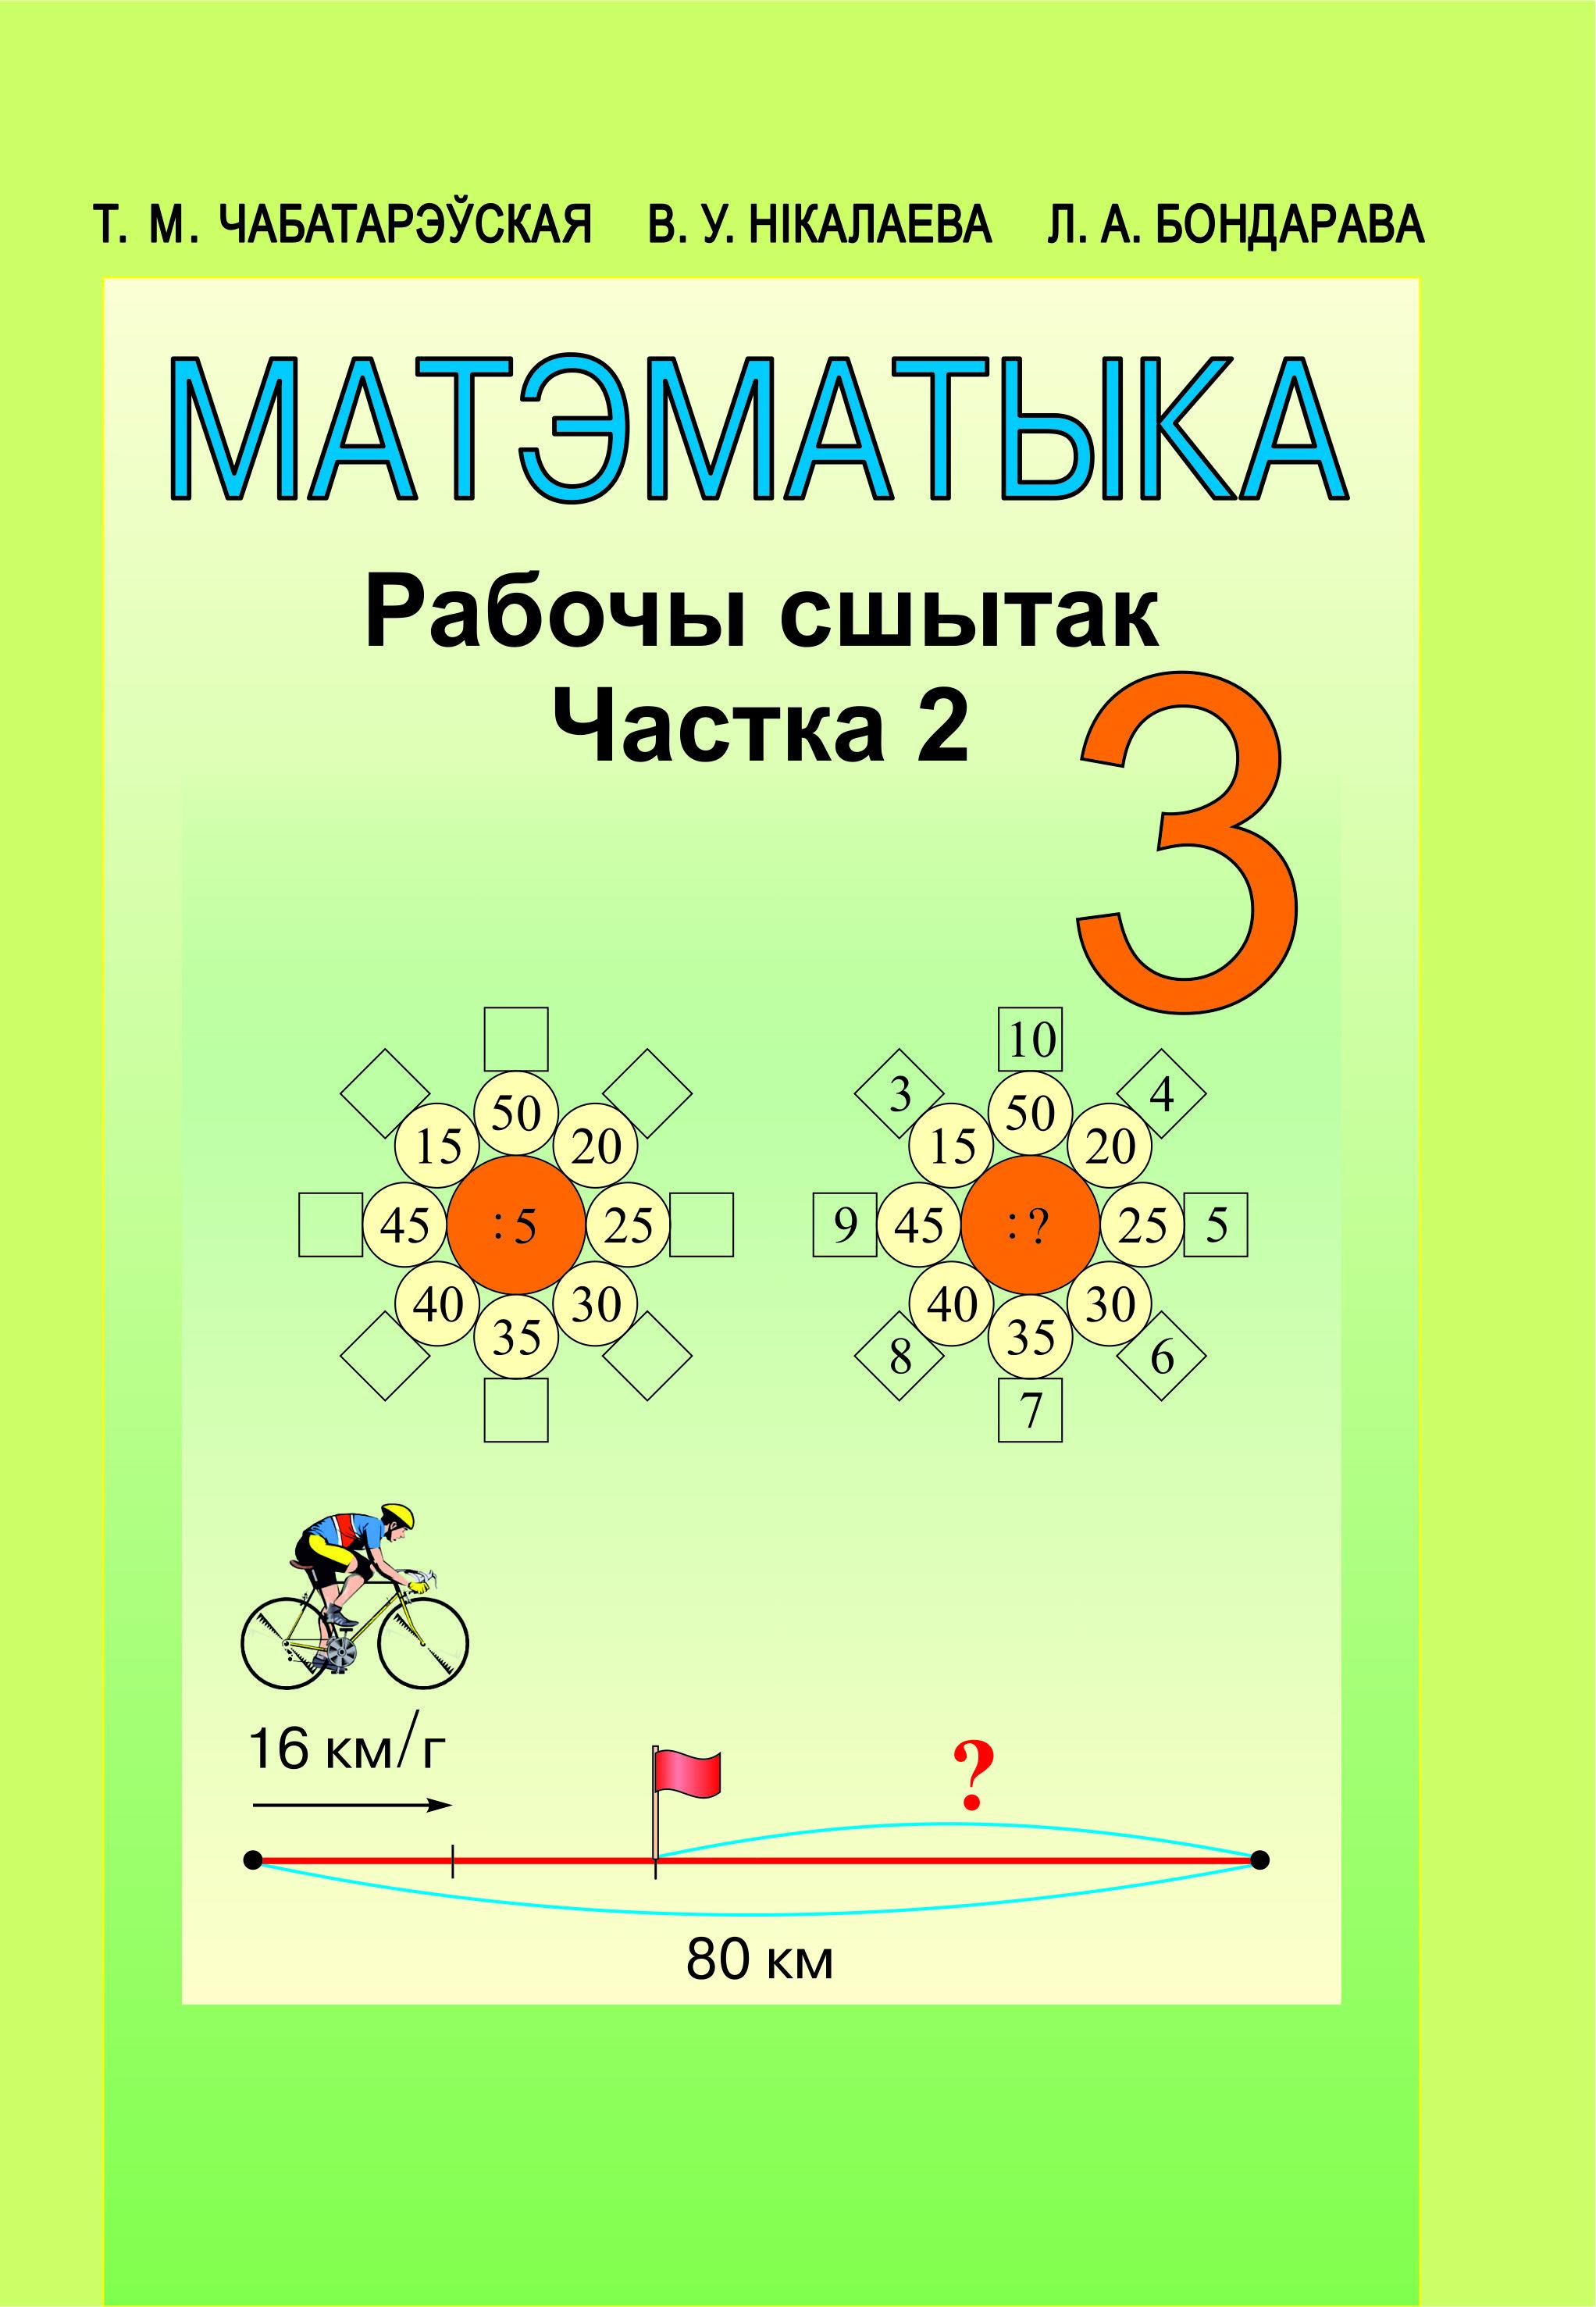 Матэматыка, 3 клас. Рабочы сшытак №2